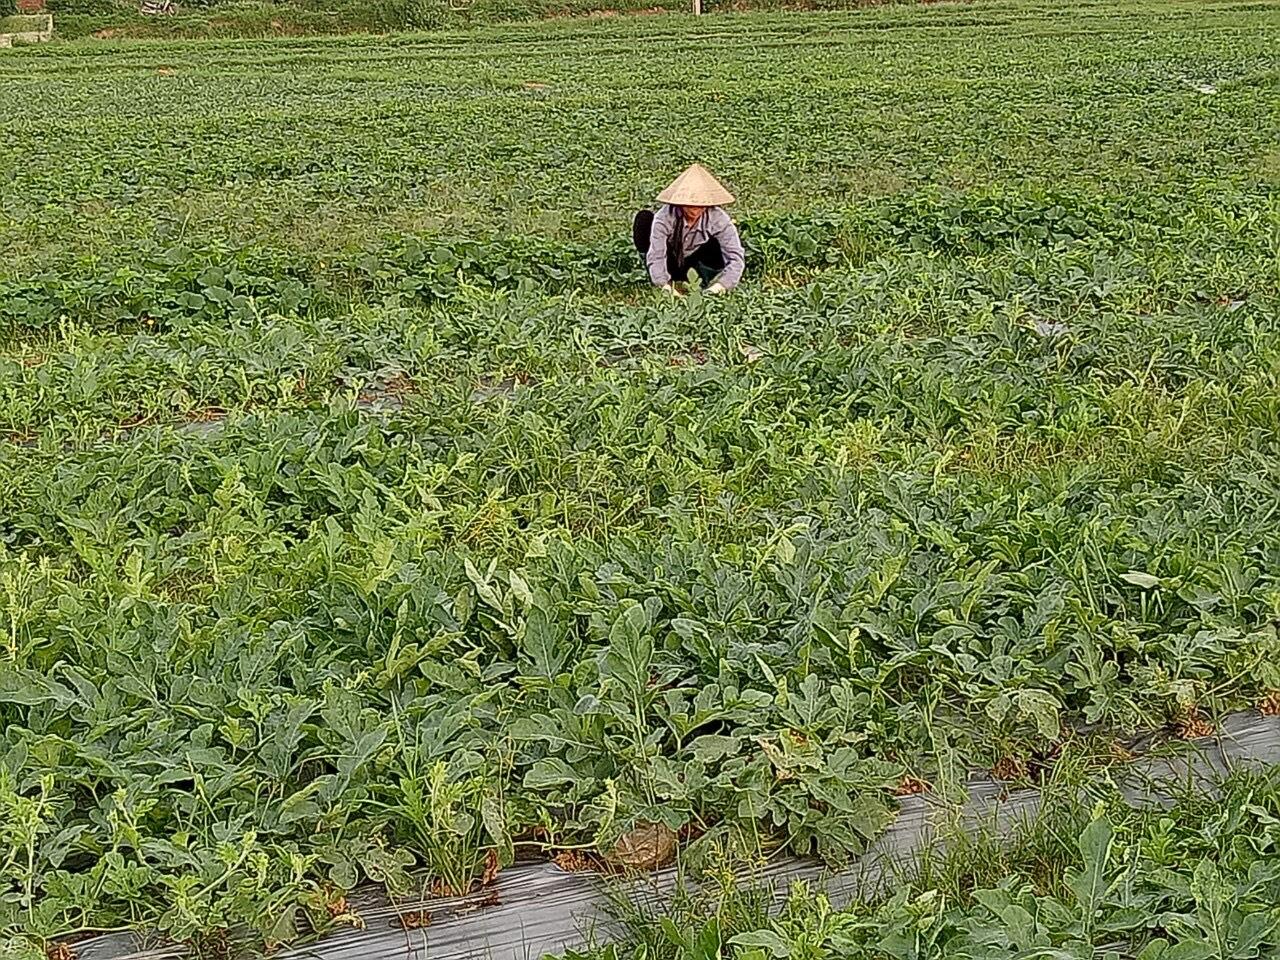 ùng sản xuất rau màu tại thôn Nghè 3, xã Tiên Nha.